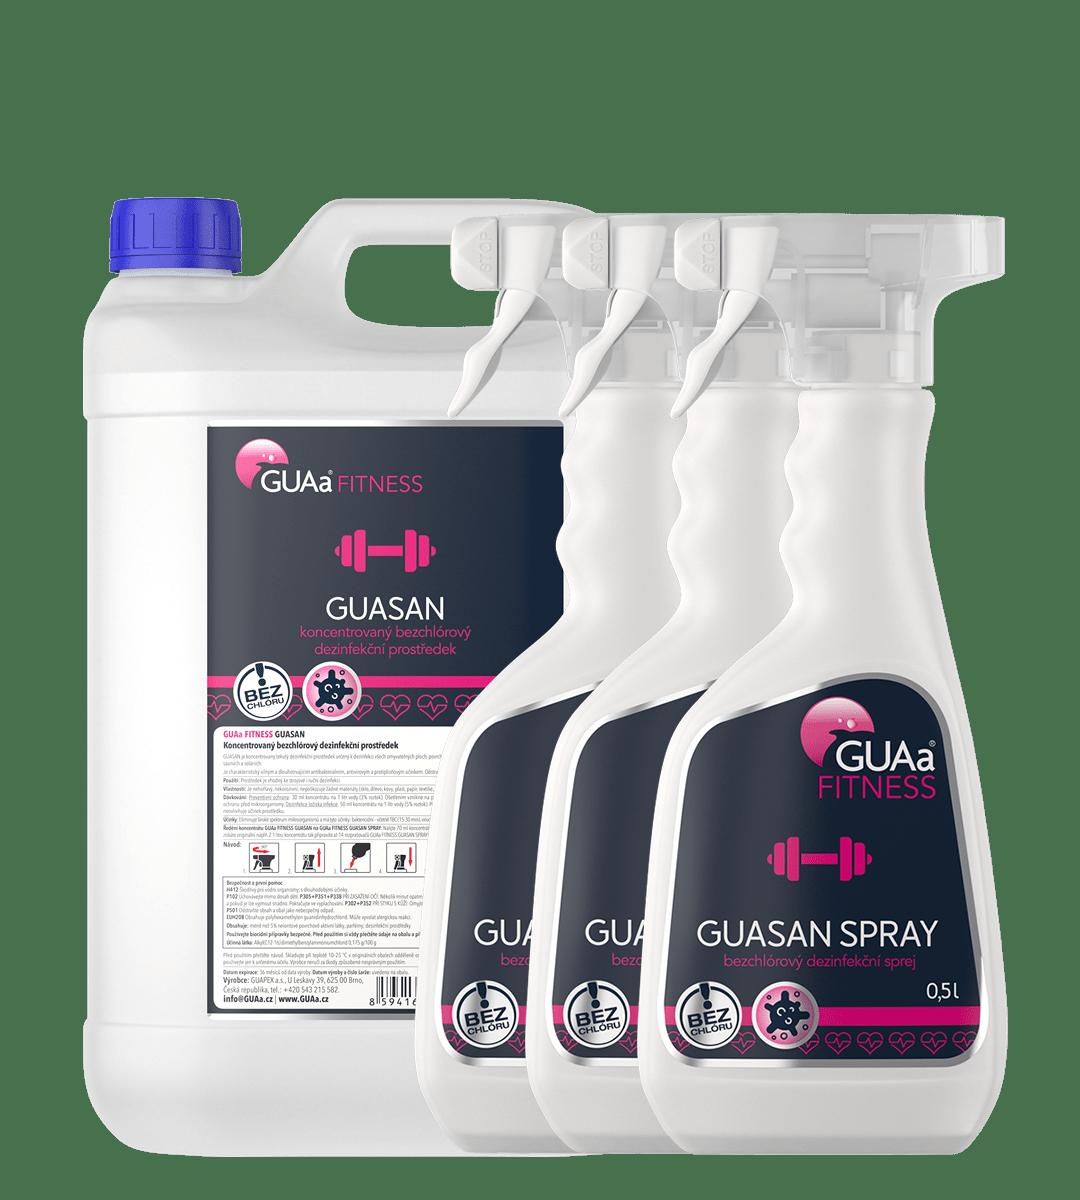 GUAa FITNESS GUASAN LARGE SET - velká sada bezchlórové dezinfekční chemie